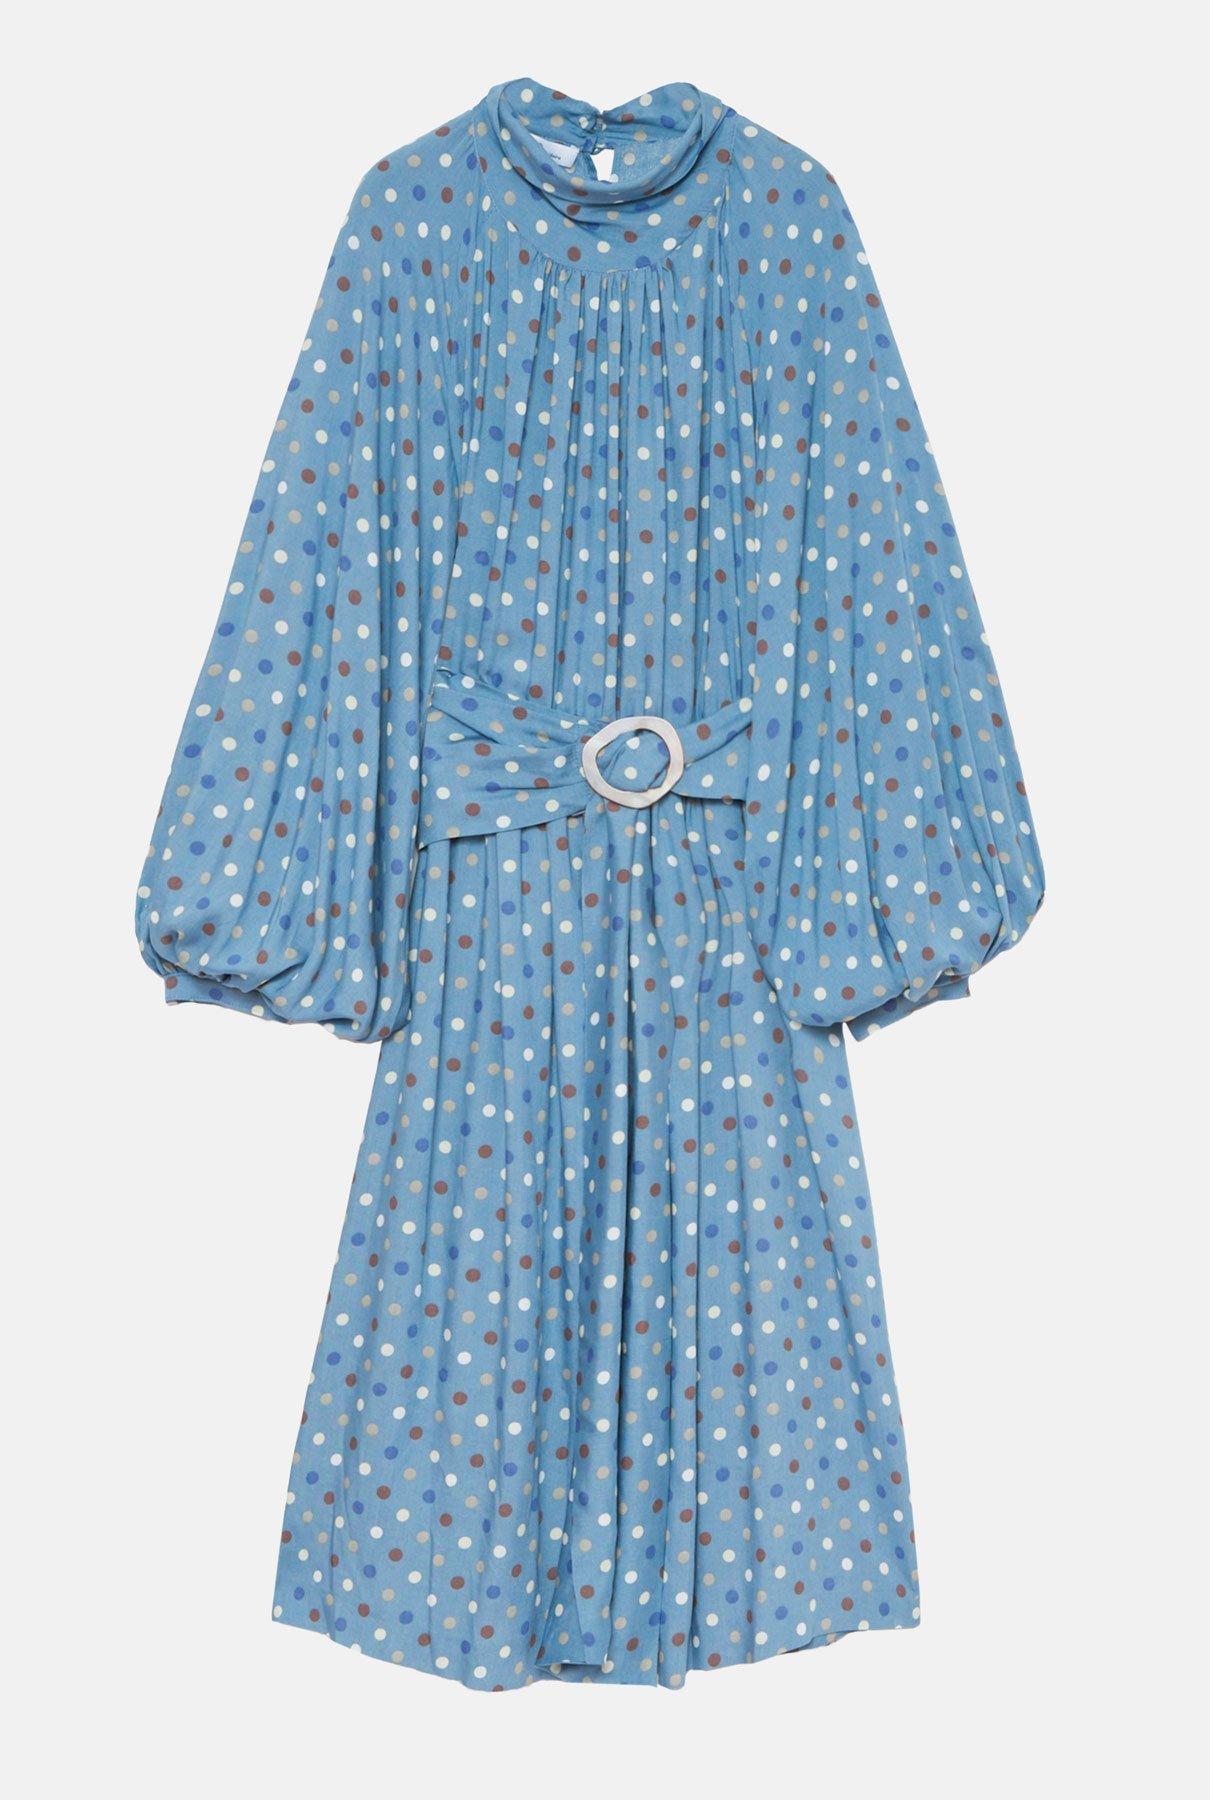 Vestido midi azul de lunares